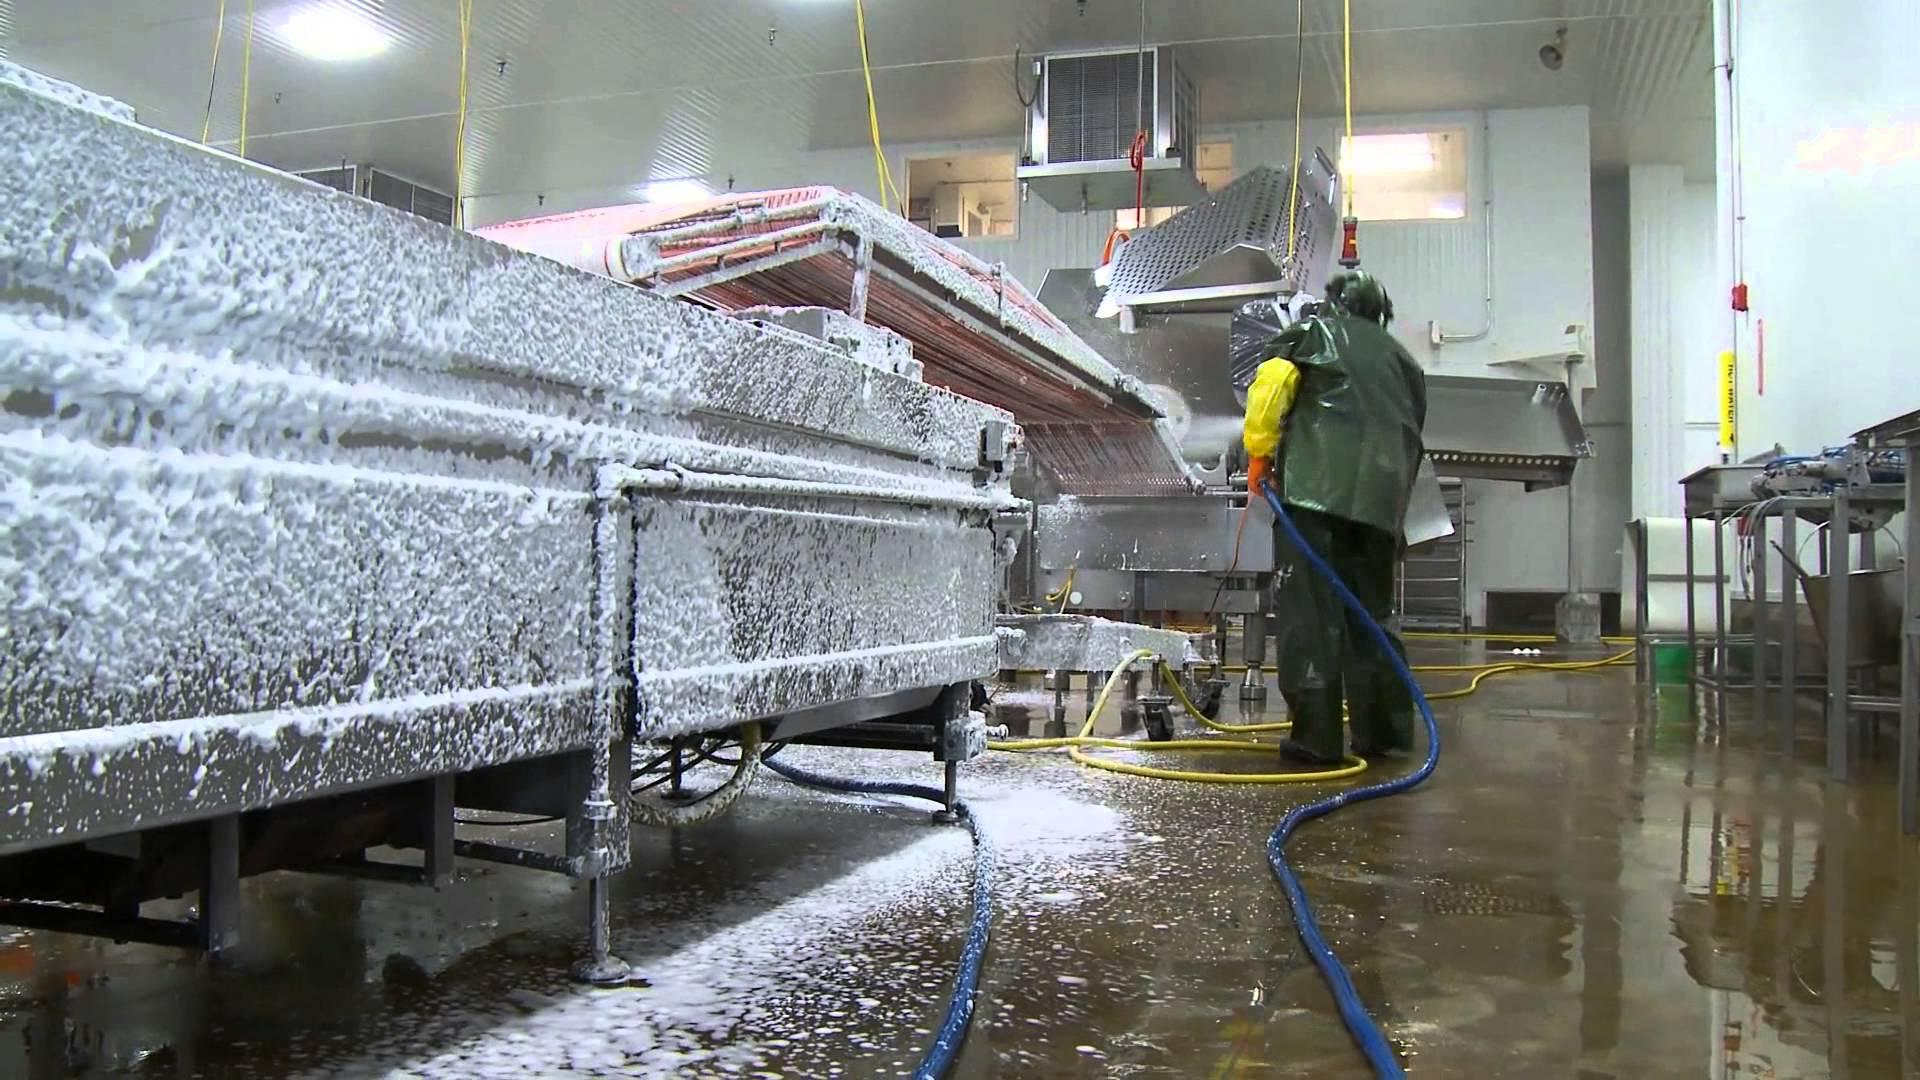 Vệ sinh nhà máy nhà xưởng bằng hóa chất